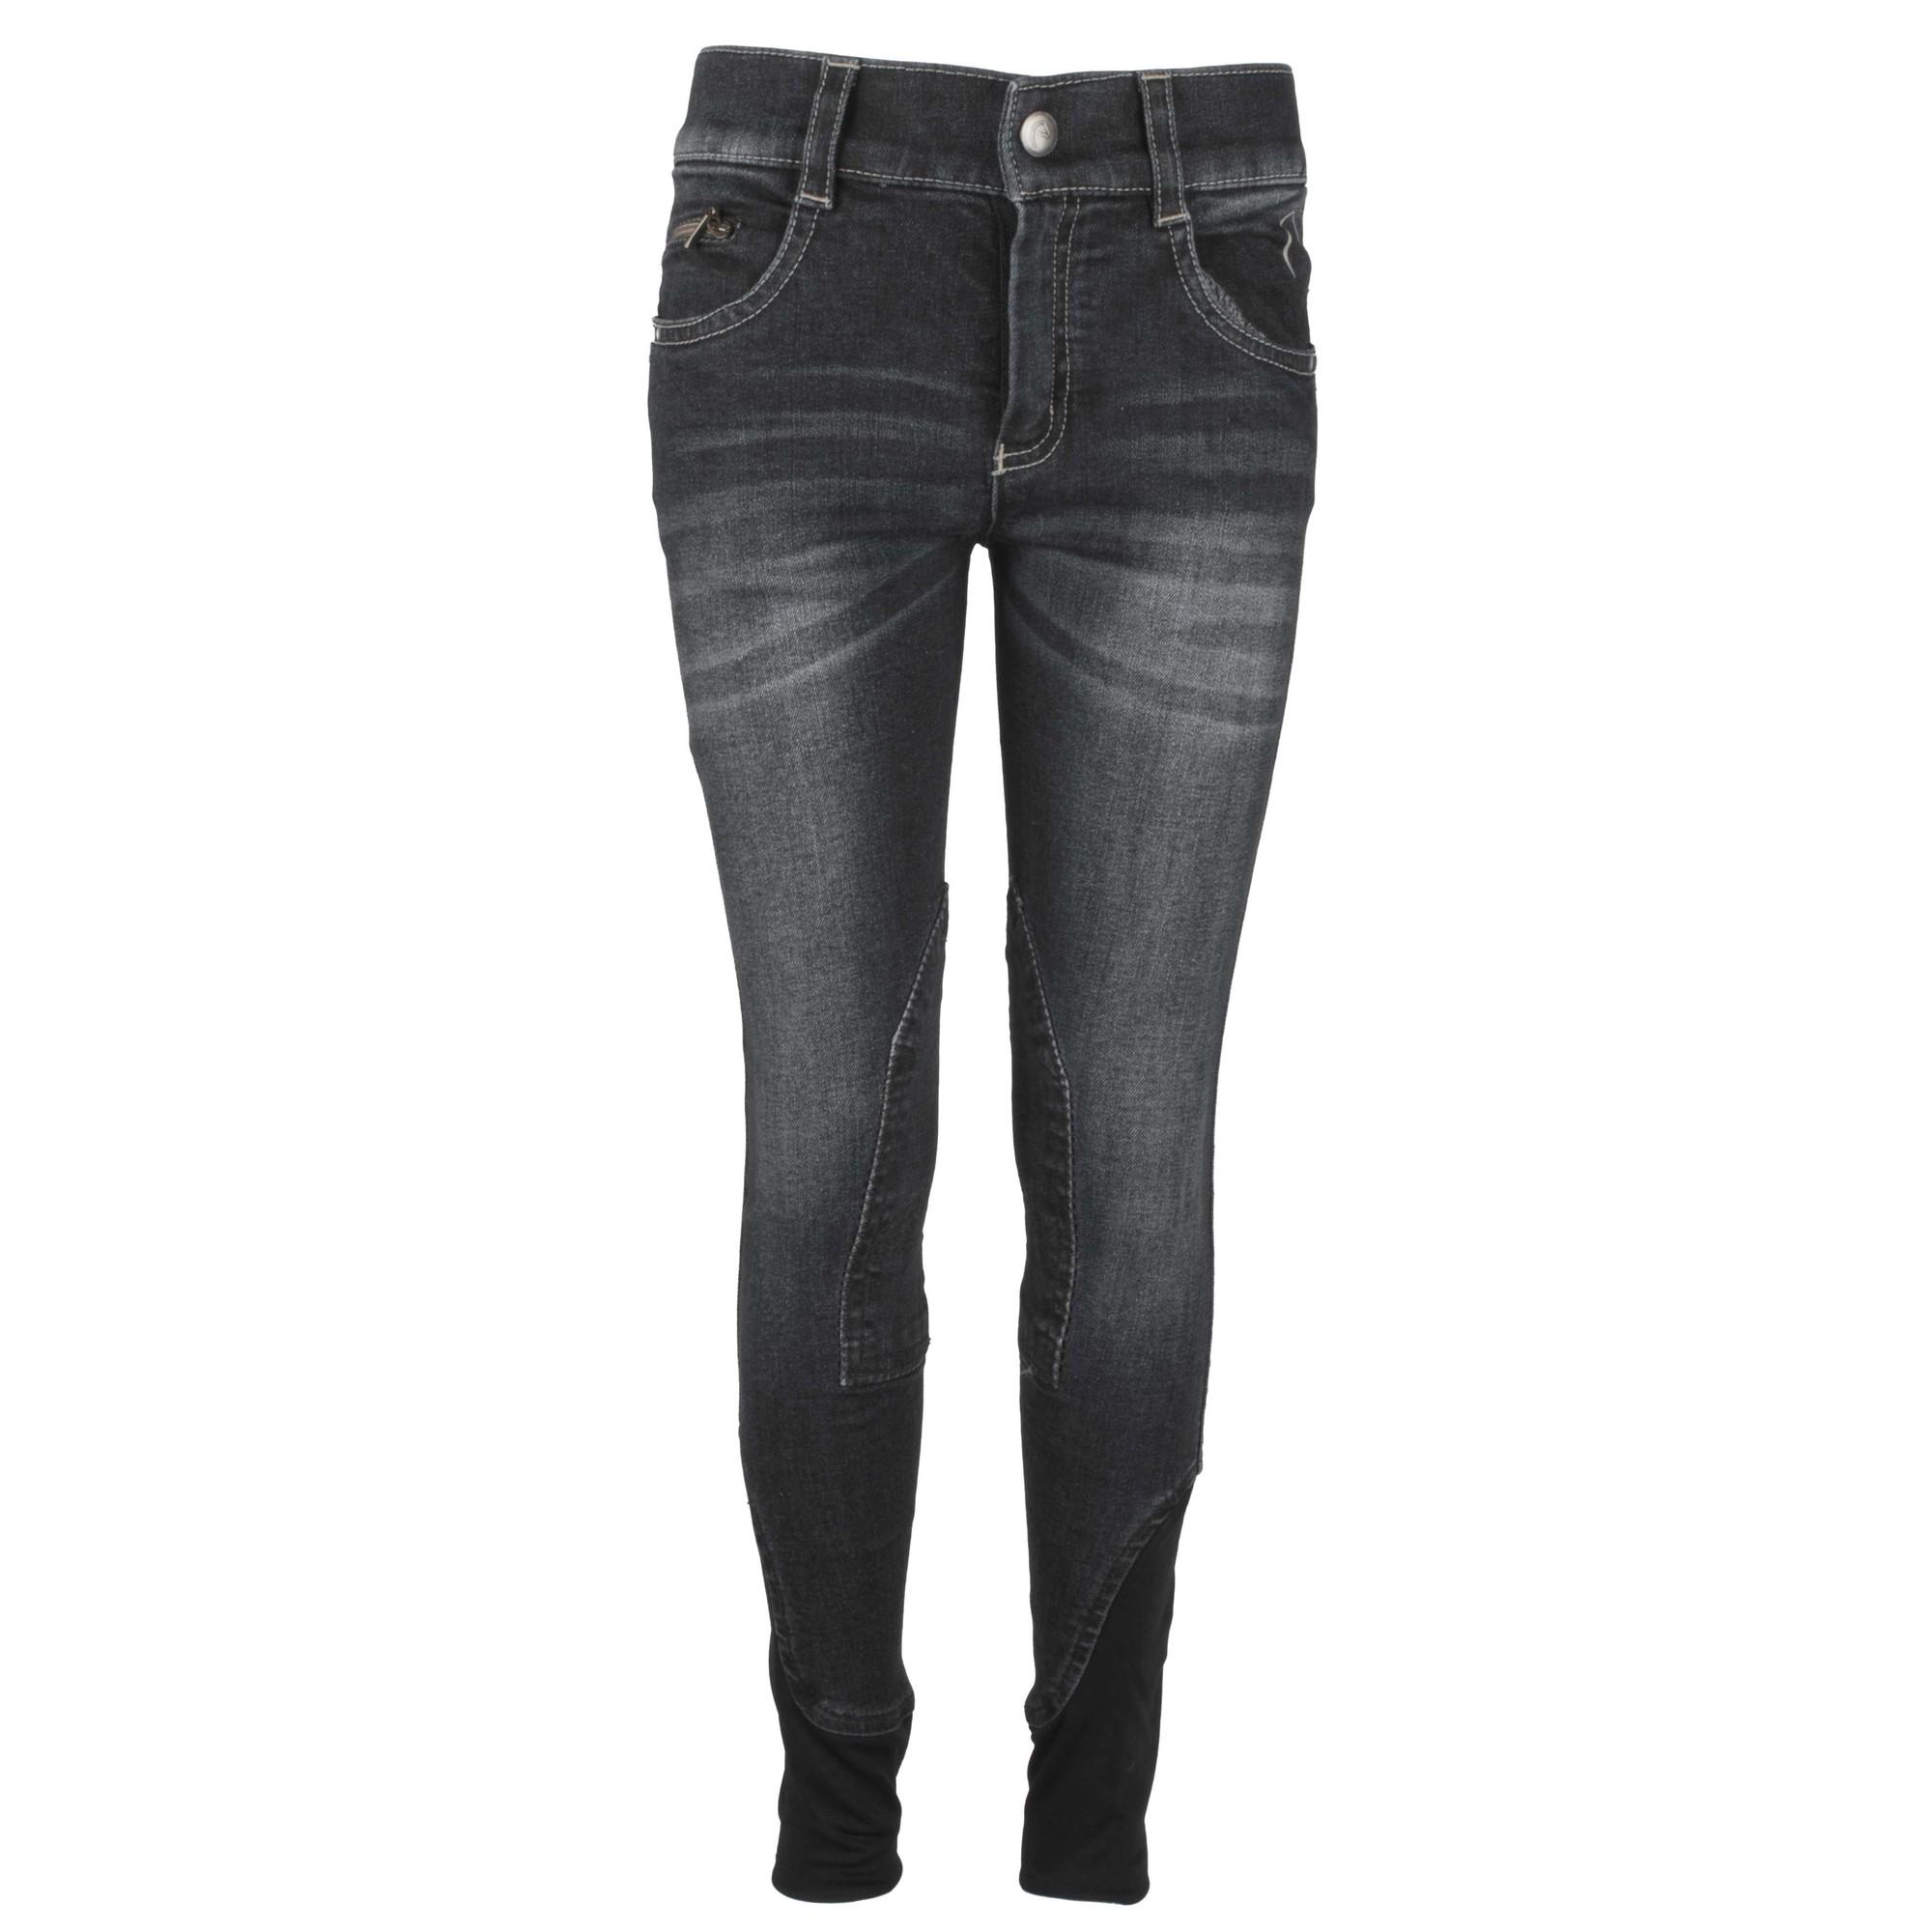 Equitheme Texas jeans kinder rijbroek zwart maat:152